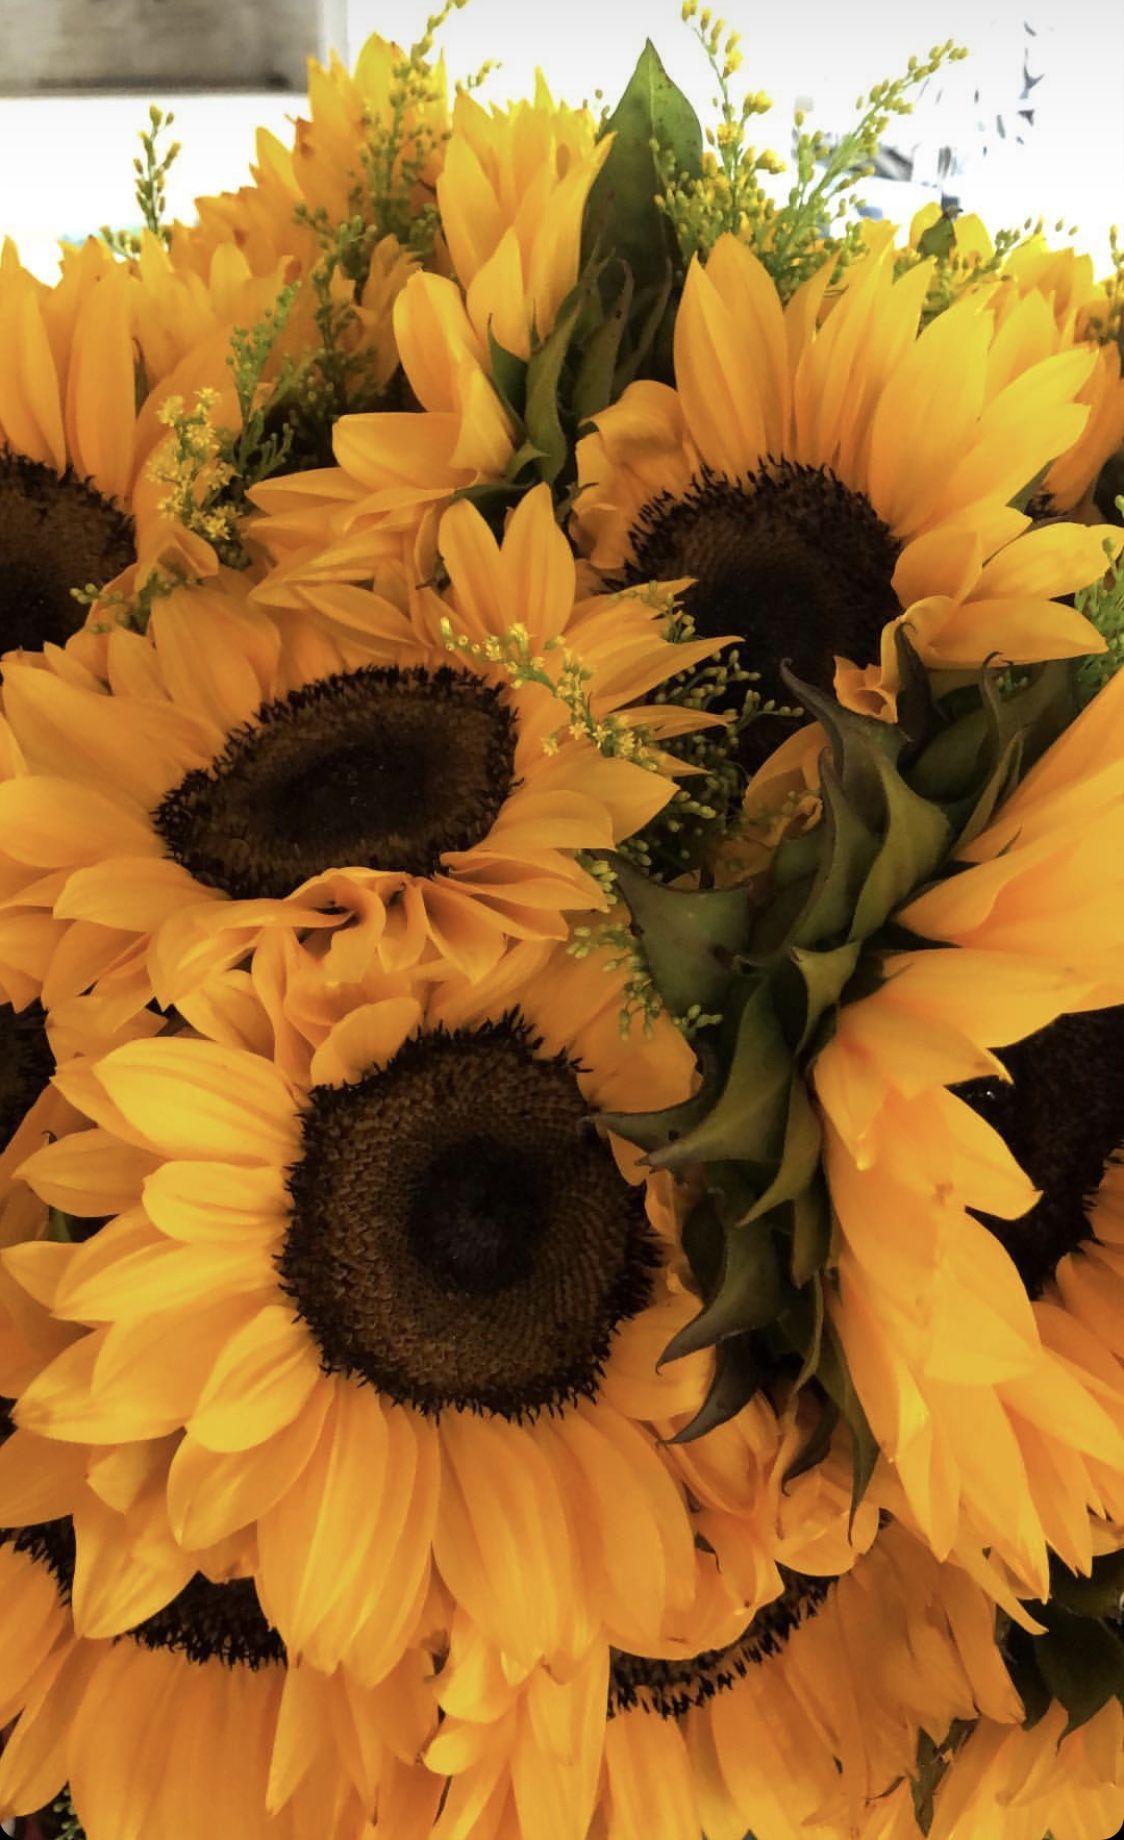 gillianvidegar Flower aesthetic, Sunflower wallpaper